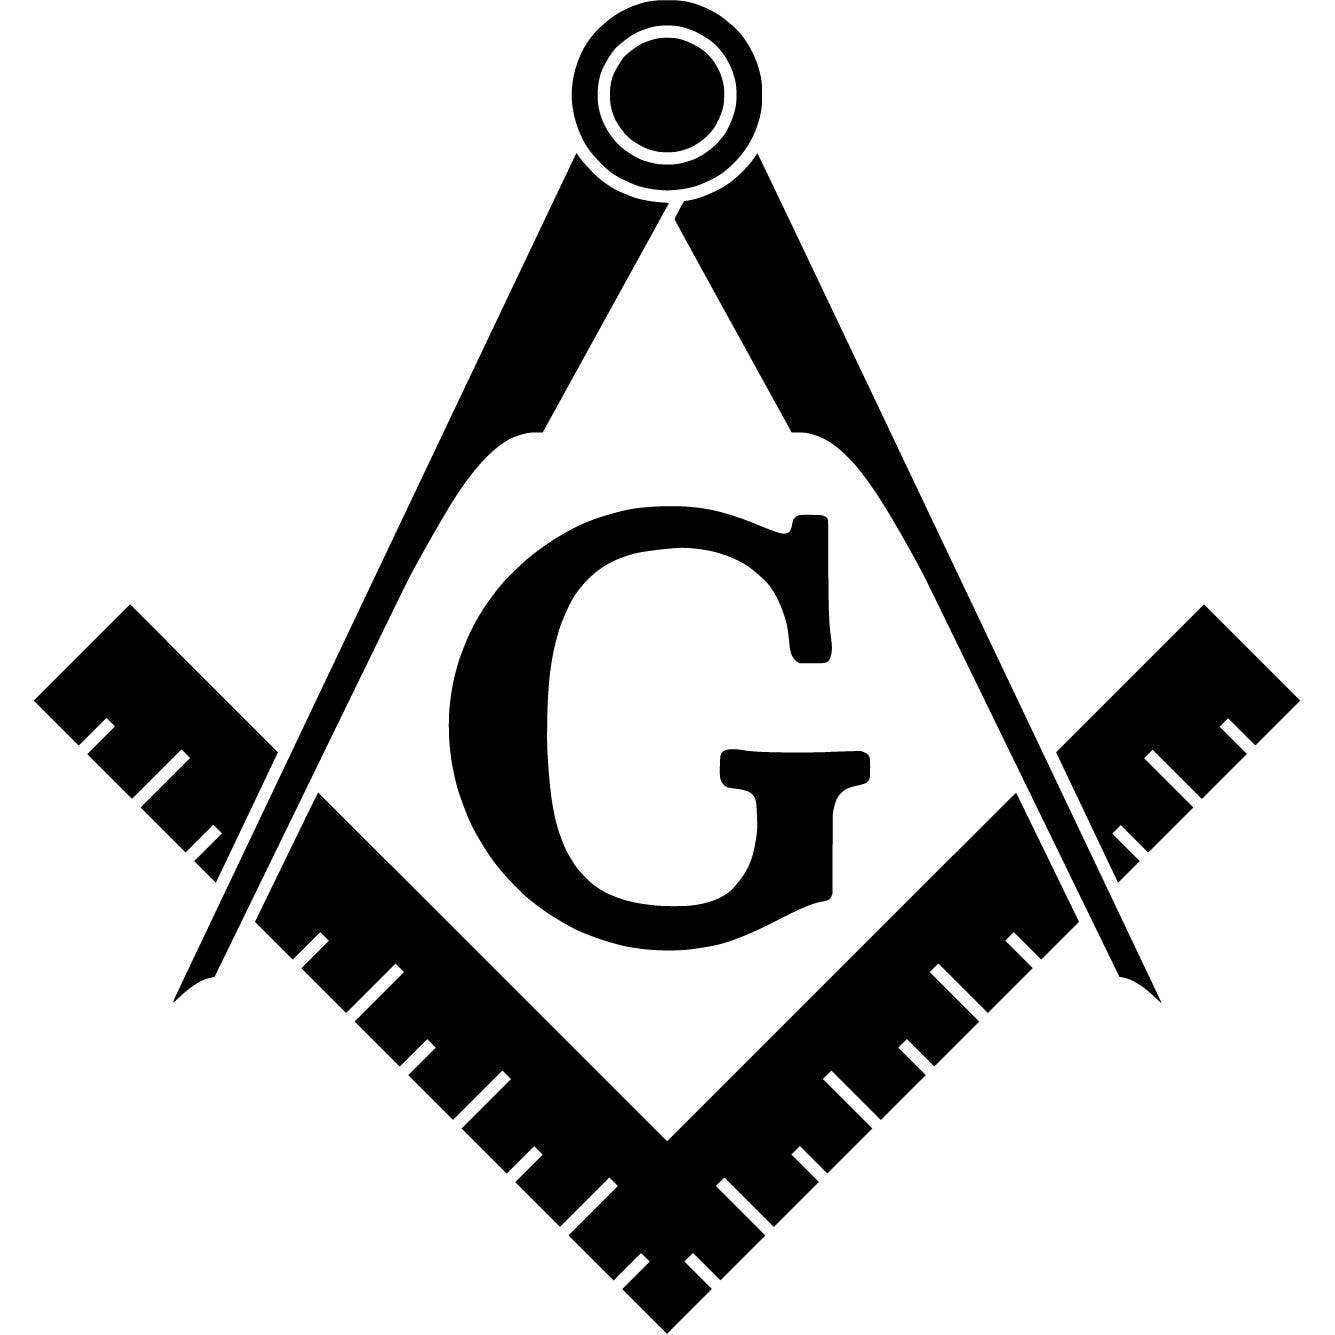 Freemason logo vinyl sticker decal symbol templar masonic for Freemason vector